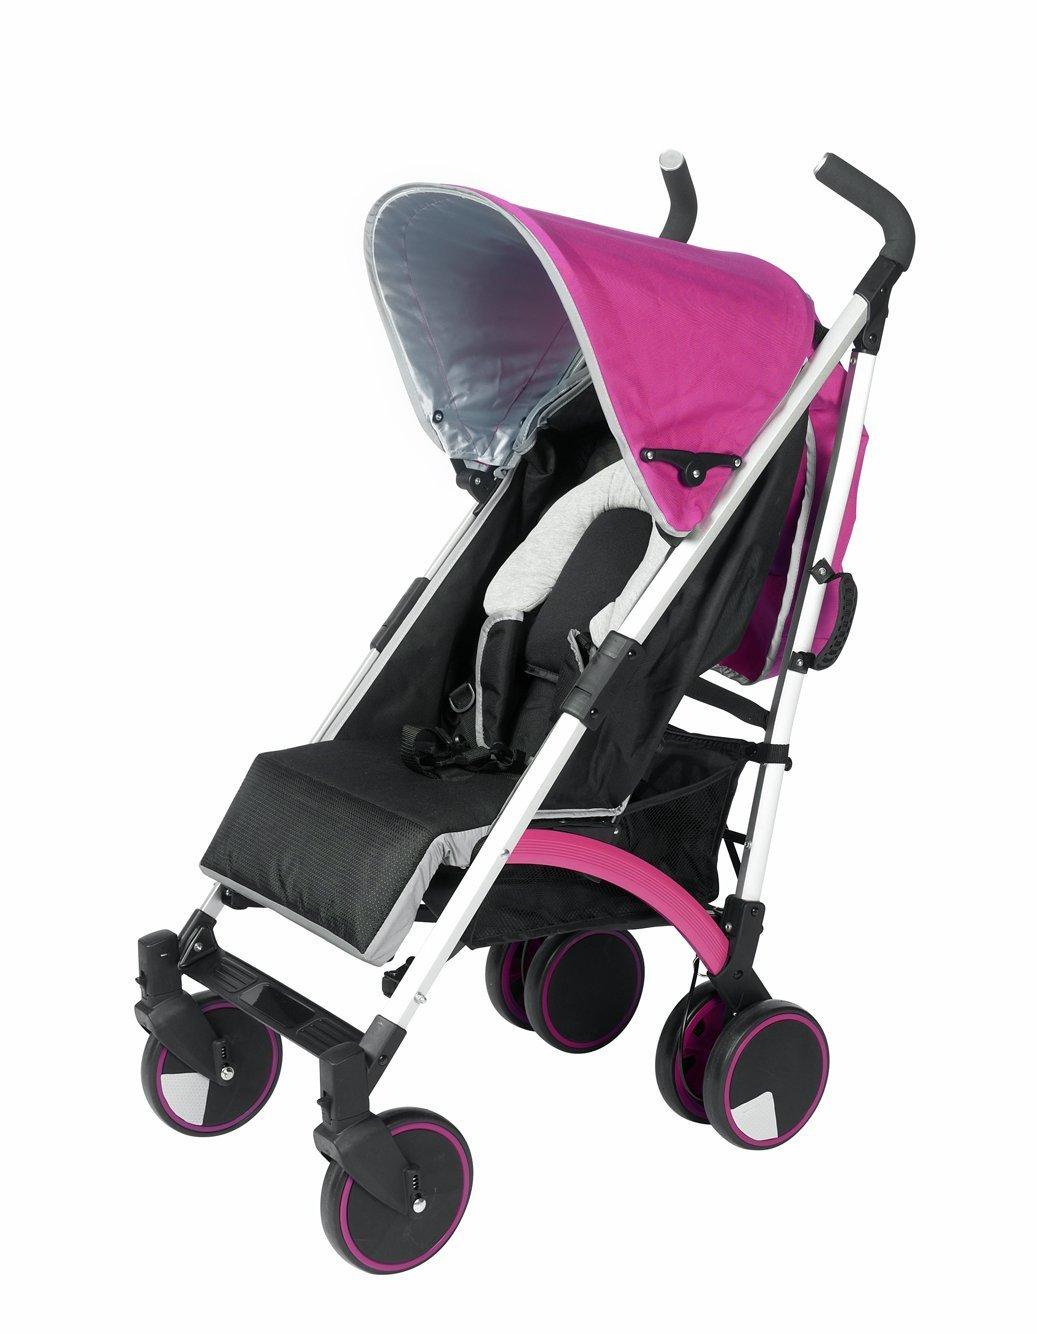 Babyway Stylus Pushchair